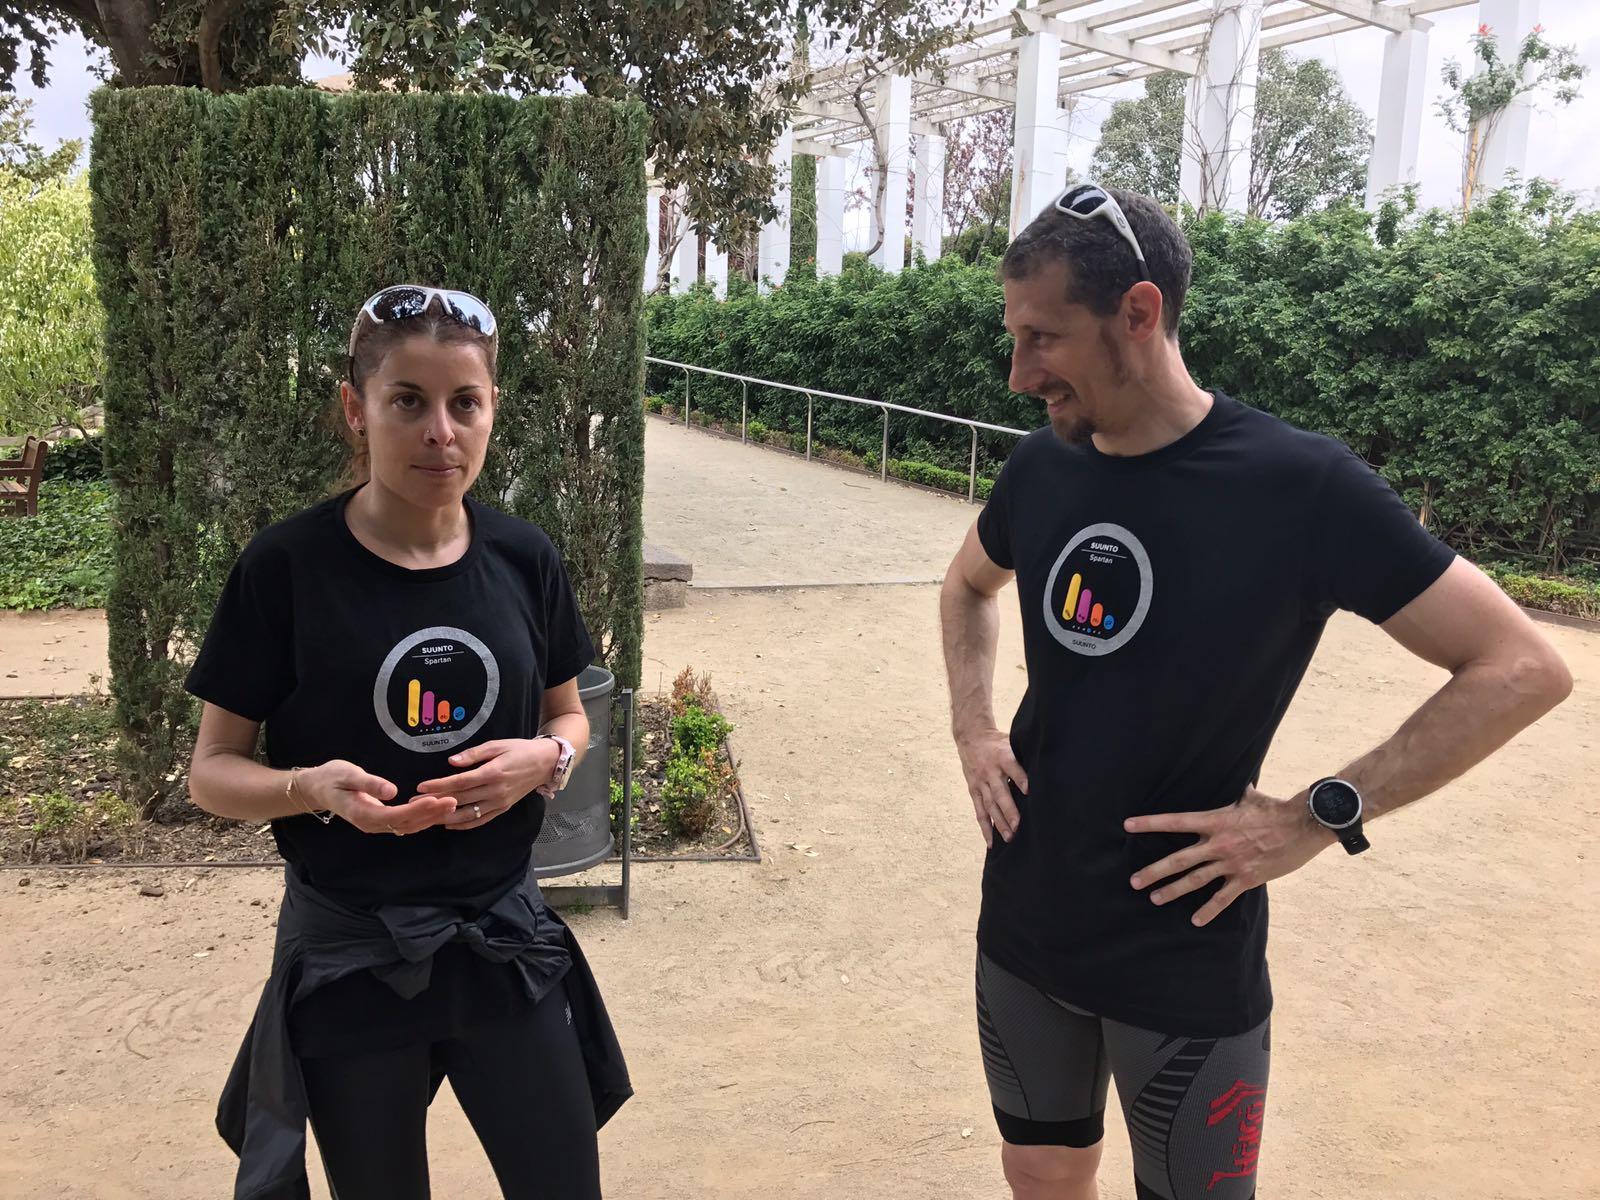 Entrenamiento running y reloj gps: Rodando con Paula González y el Suunto Spartan